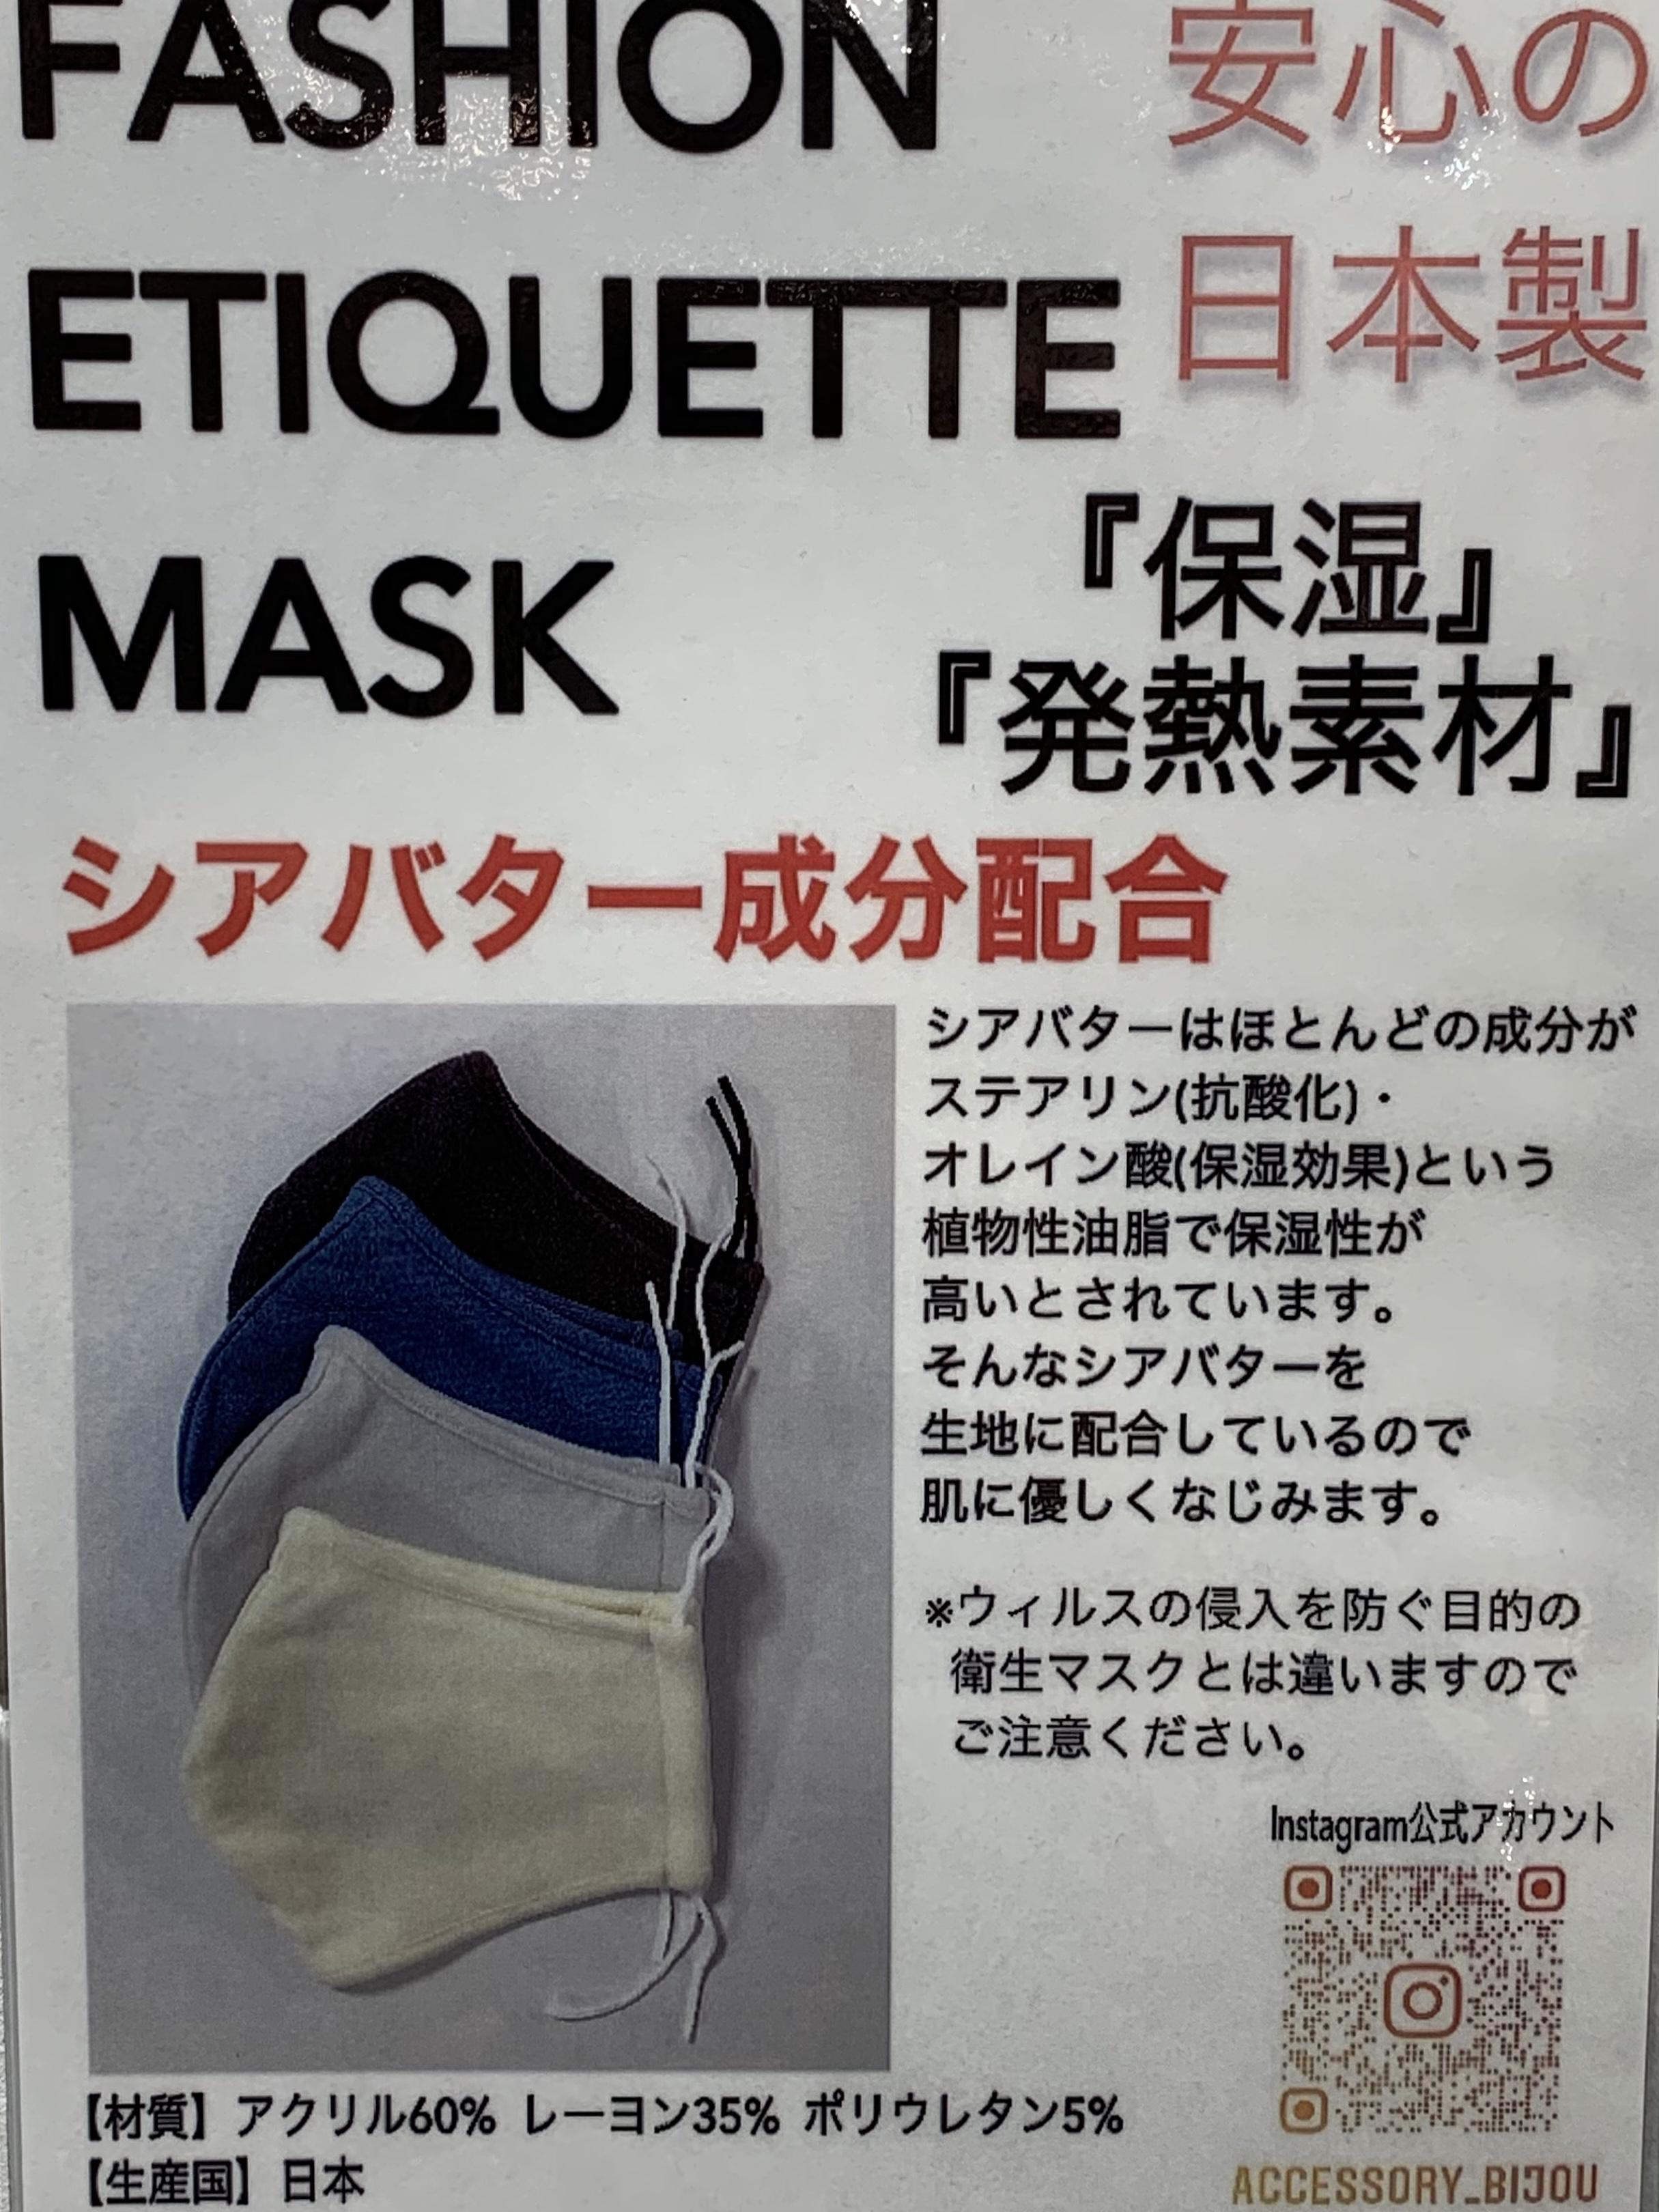 安心の日本製ファッションマスク